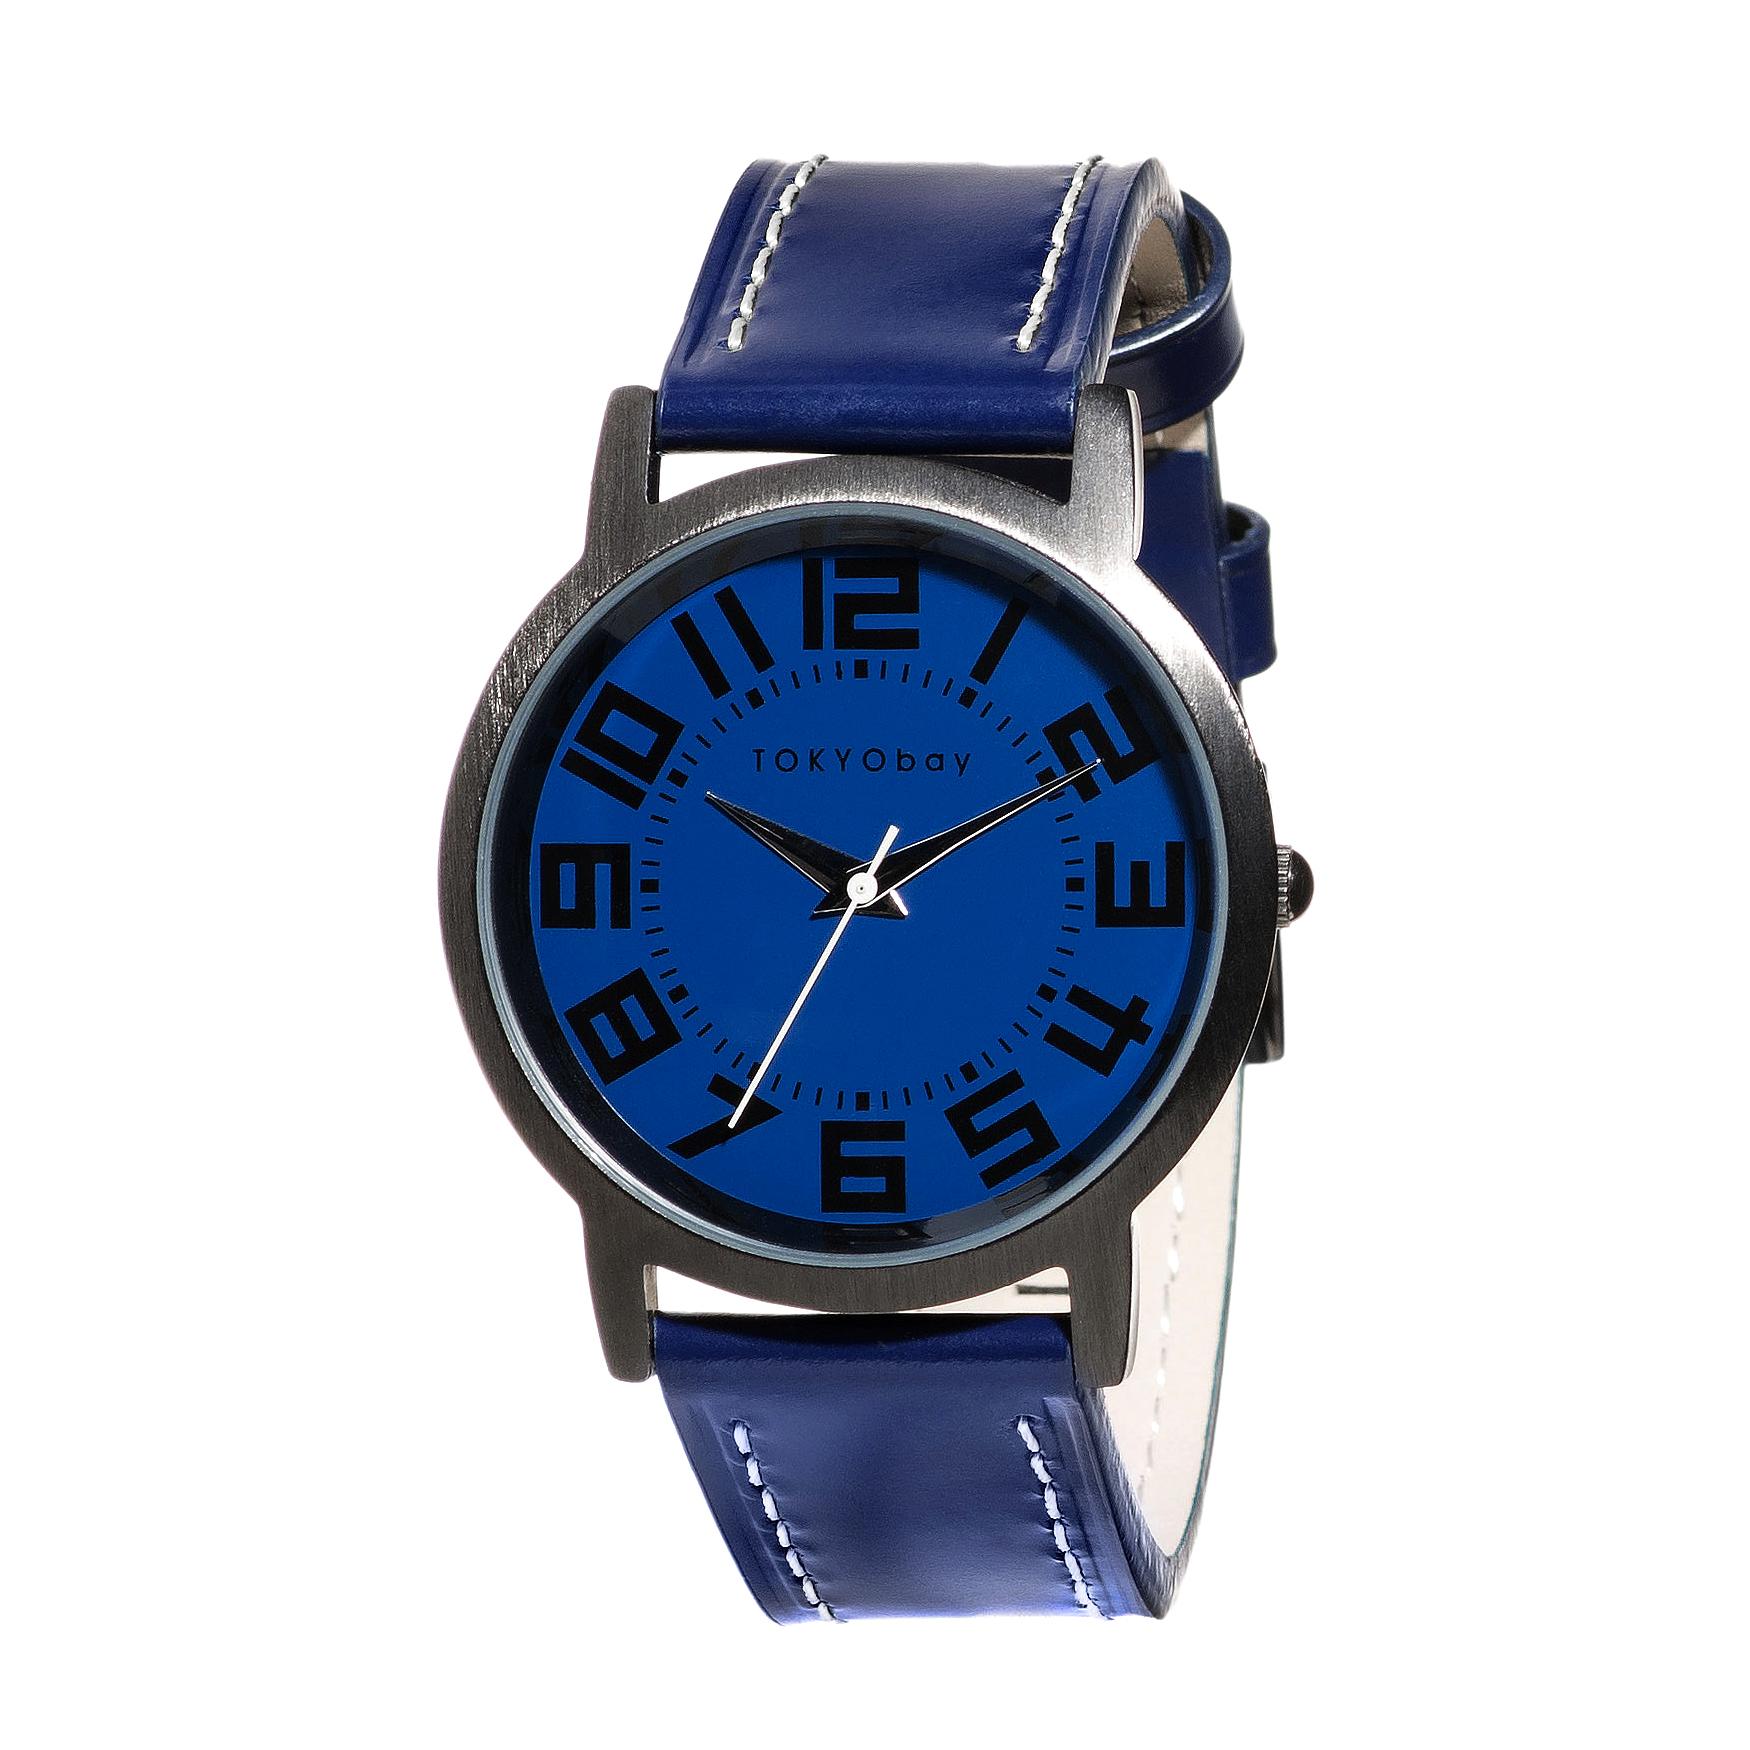 Часы наручные TOKYObay Track Carbon BlueЧасы TOKYObay<br>Производитель: TOKYObay Inc. (США)<br>Механизм: кварцевый MIYOTA (Япония)<br>Корпус: 40/40/7 мм, металл(не содержит никель), задняя крышка из нержавеющей стали.<br>Стекло: ударопрочный оптический пластик<br>Размер ремешка: 20,5/1,9 см<br>Материал ремешка: натуральная кожа<br>Гарантия: 1 год<br><br>Механизм: кварцевый<br>Форма корпуса: Круг<br>Пол: унисекс<br>Цвет: синий<br>Материал корпуса: металл<br>Ремешок: натуральная кожа